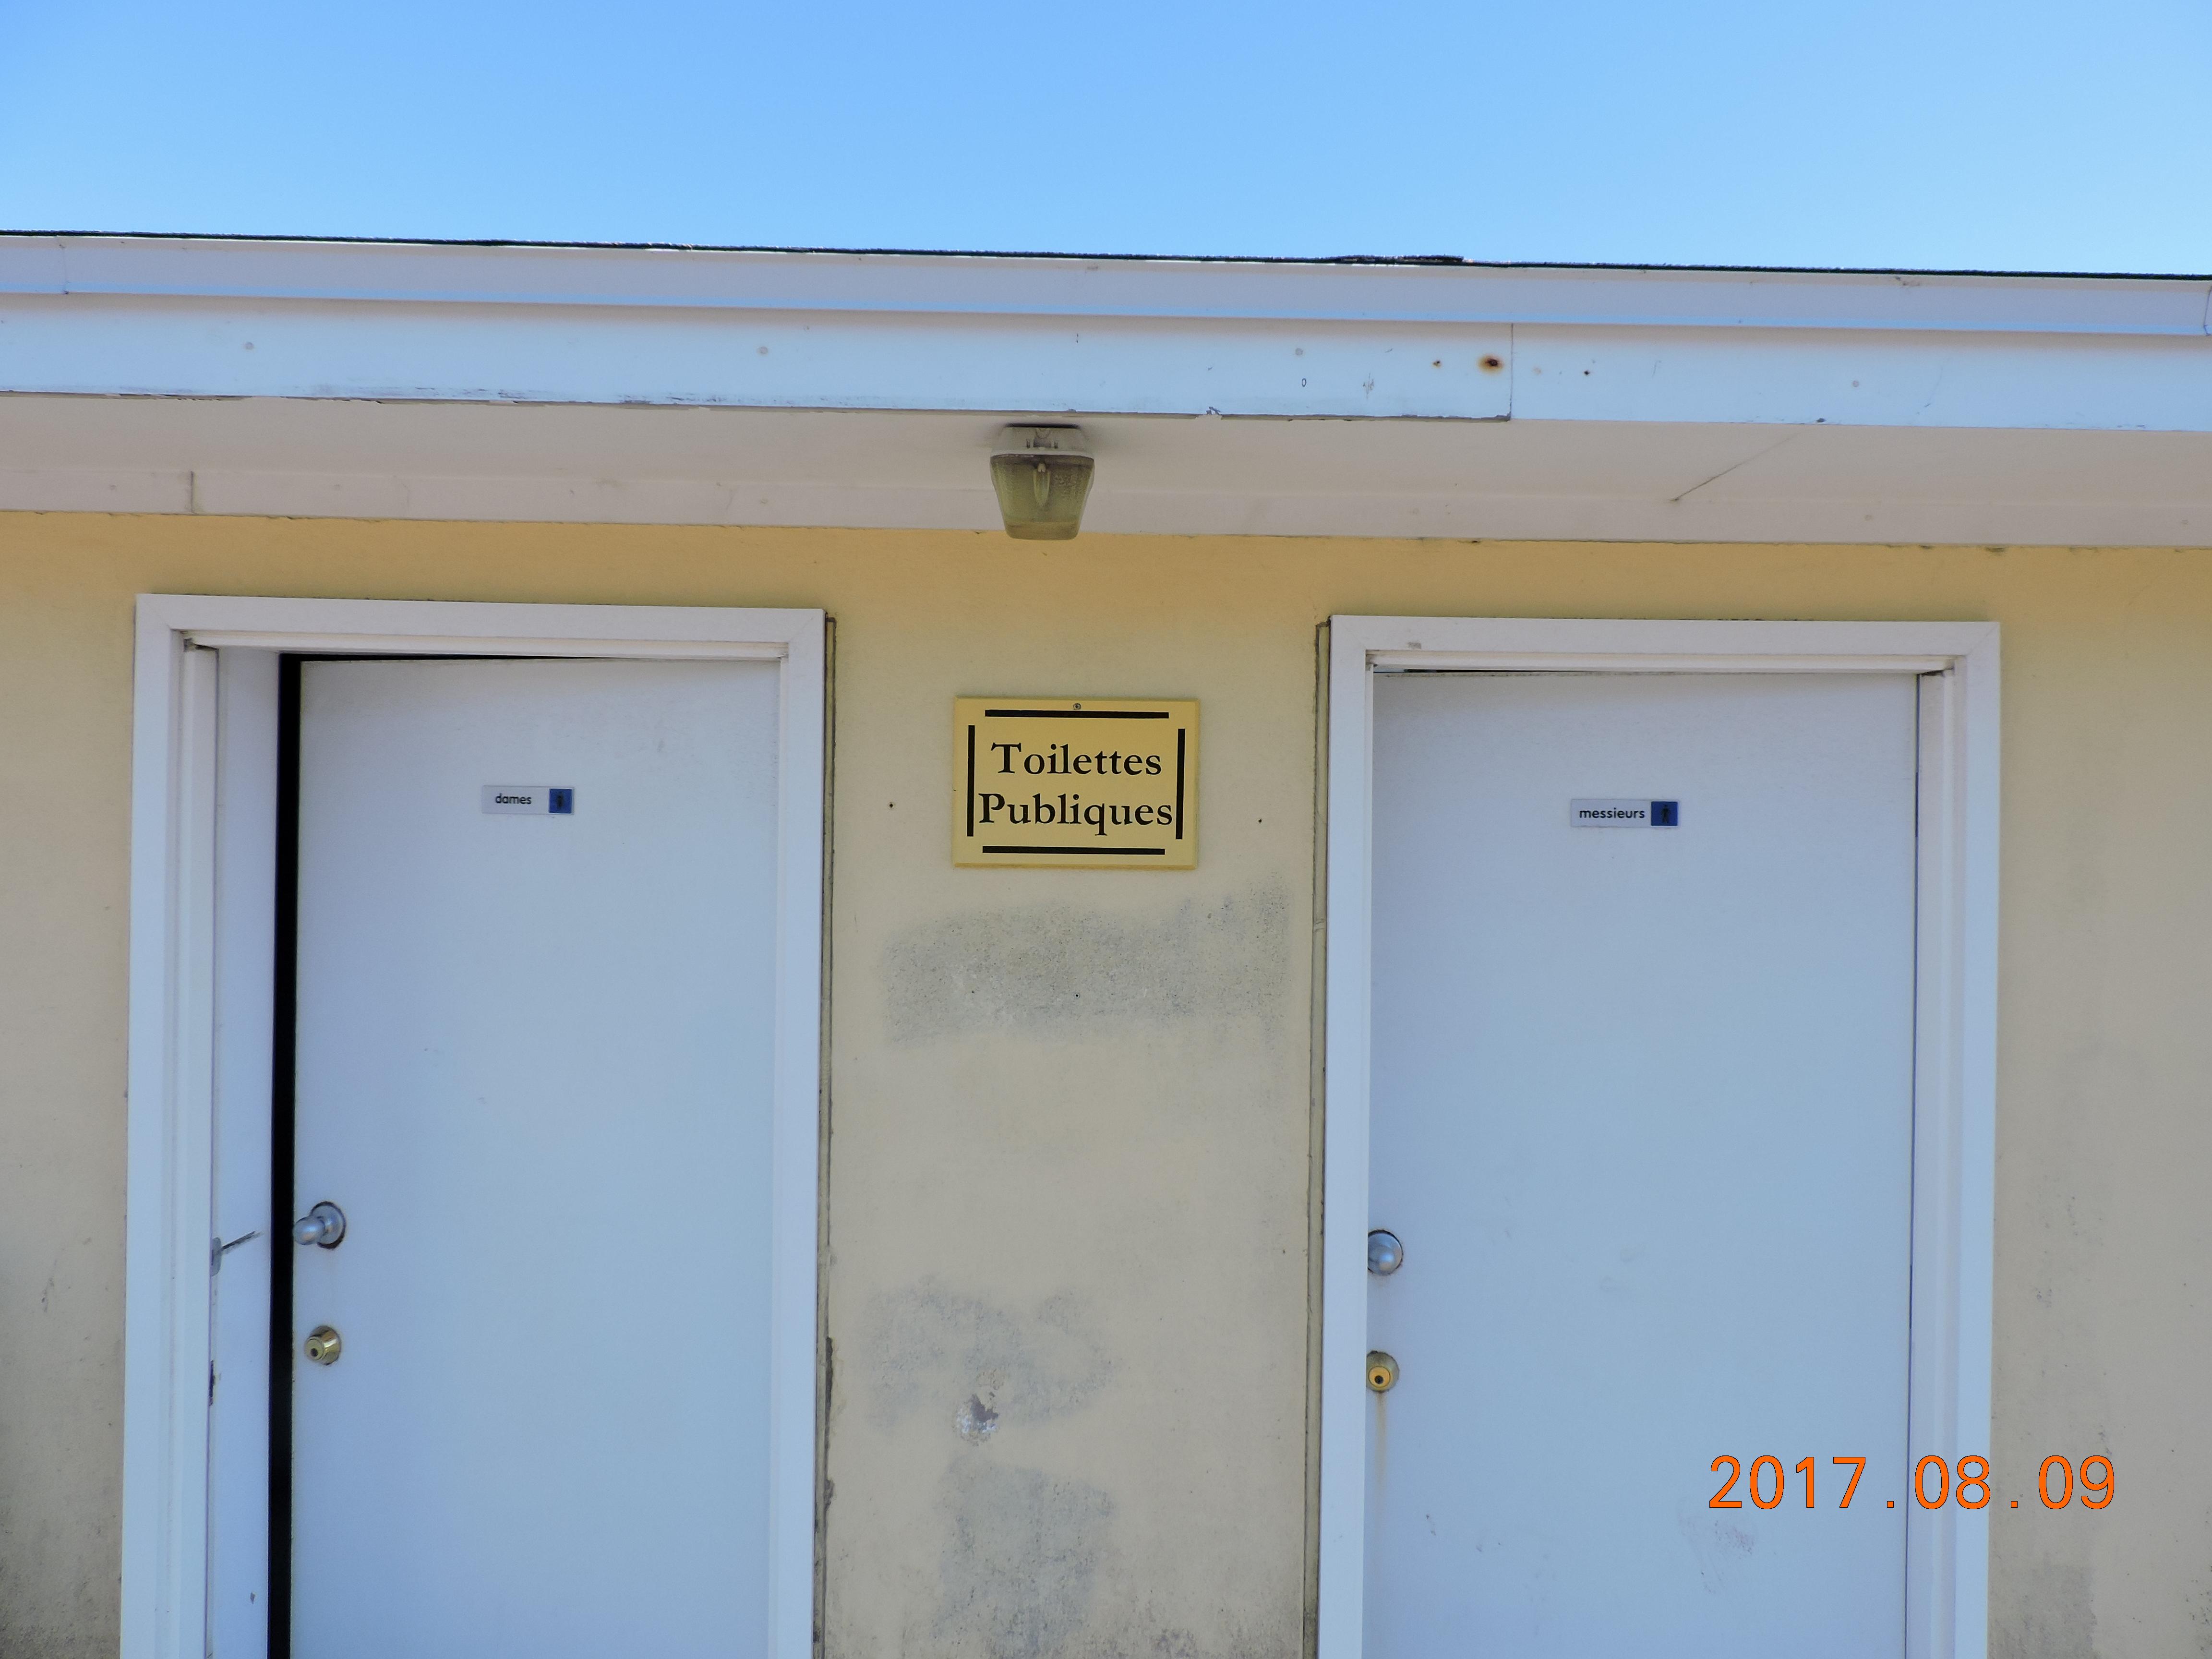 St. Pierre. Public toilet.